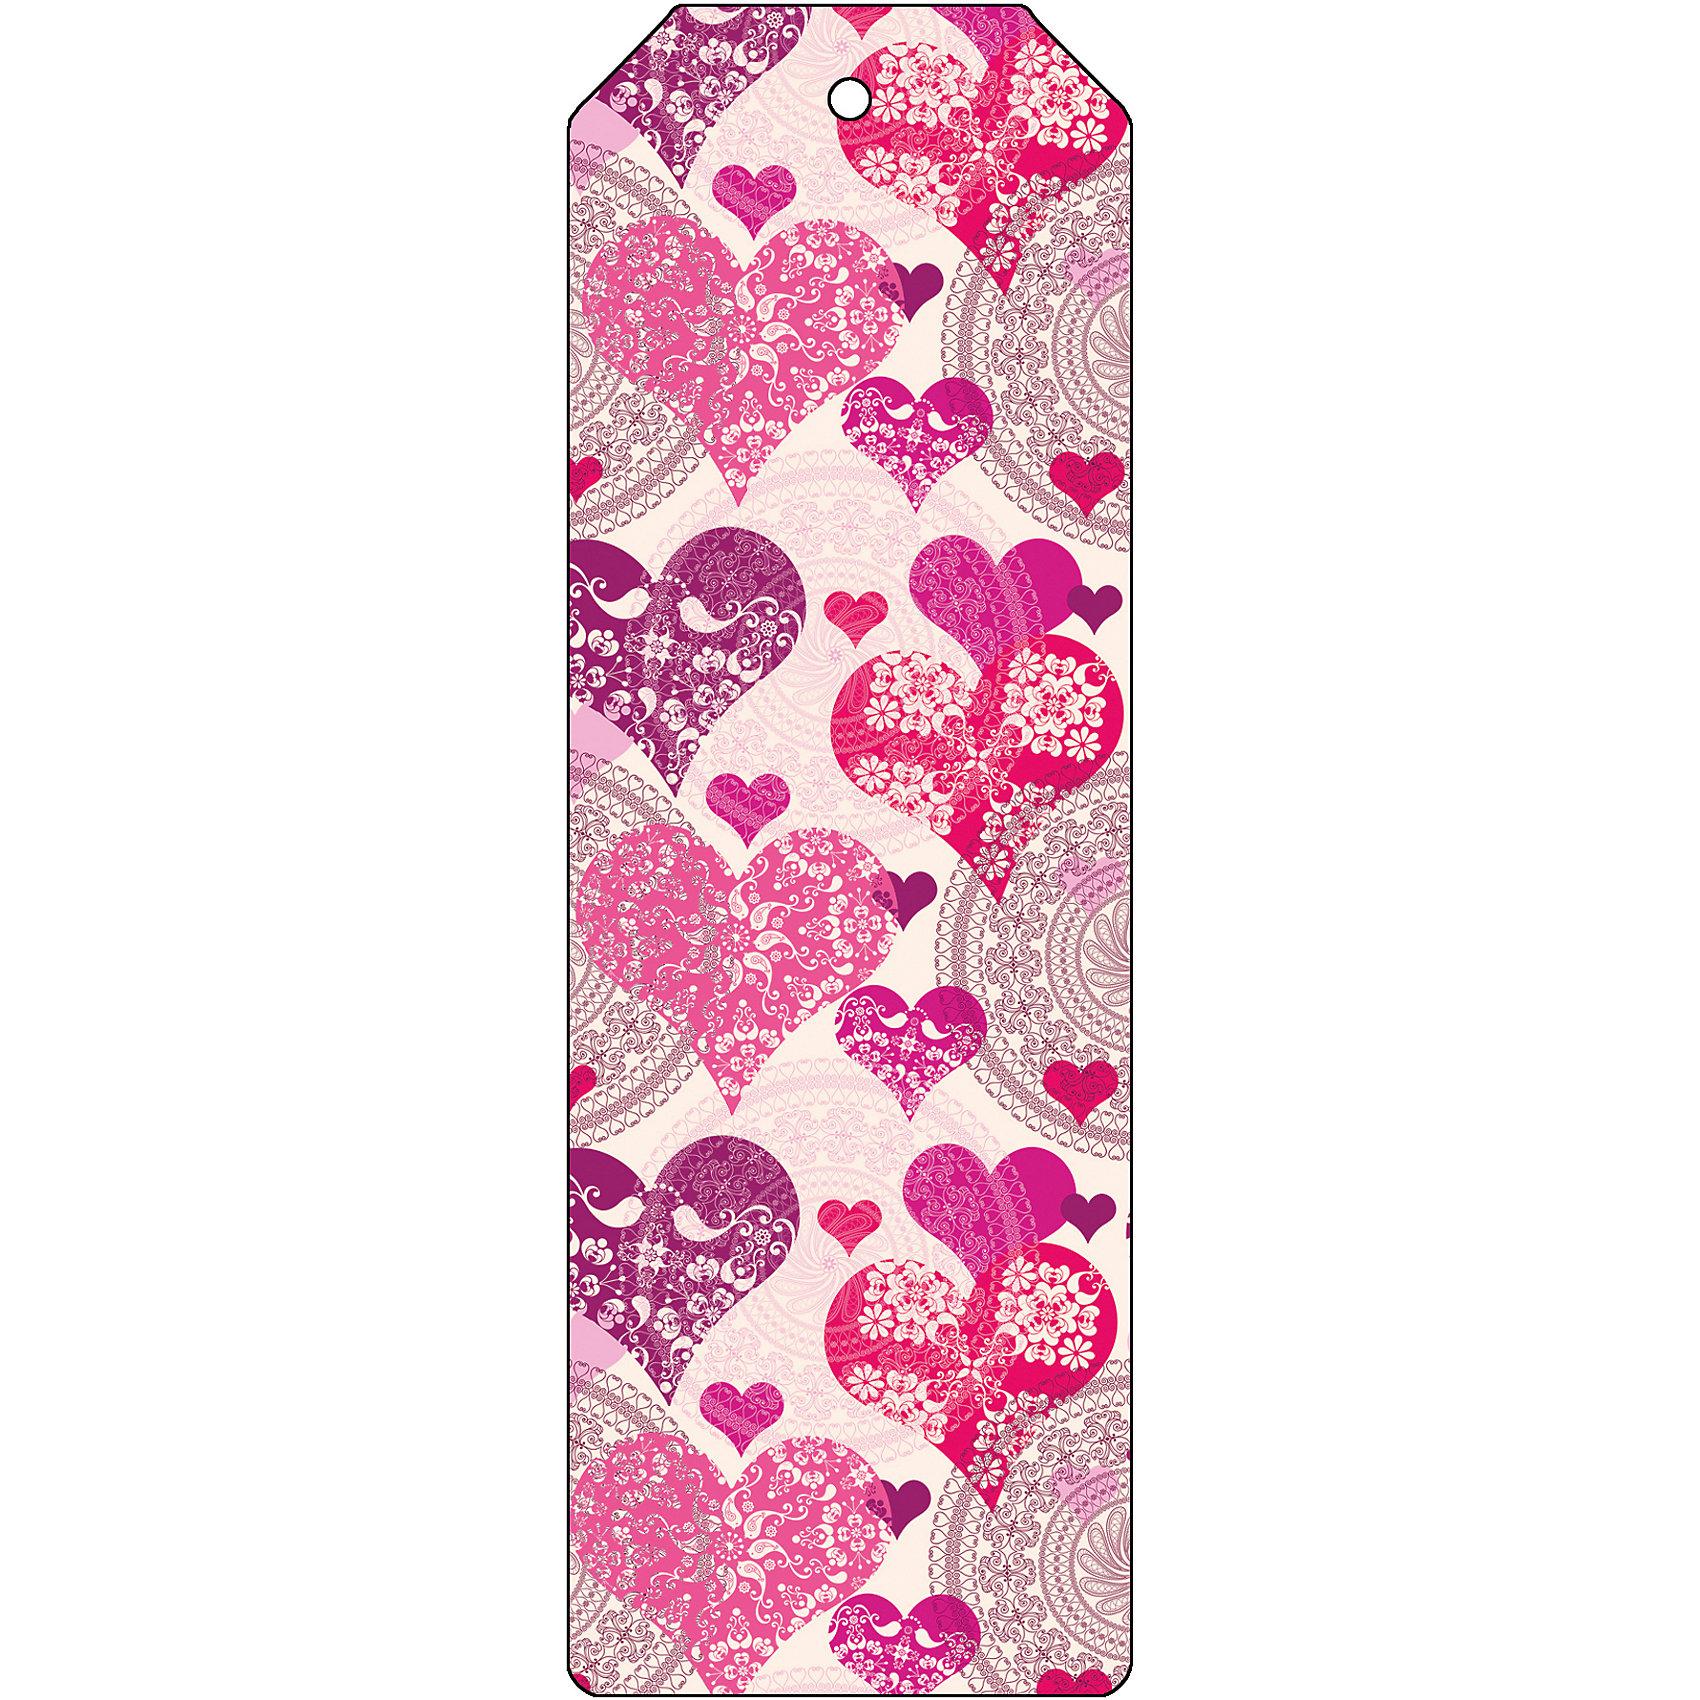 Закладка для книг декоративная СердечкиФотоальбомы, закладки и ростомеры<br>Характеристики декоративной закладки для книг Сердечки:<br><br>• тип: закладка<br>• материал: металл<br>• длина:15 см<br>• размеры: 19 x 6 x 0.5 см <br>• упаковка: пакет<br>• вес в упаковке, 45 г<br>• страна-изготовитель: Китай<br><br>Декоративная закладка для книг Сердечки - великолепный подарок для тех, кто не мыслит свою жизнь без книг. Закладка представляет собой пластину из черного окрашенного металла. Закладка украсит книгу, сделает нарядным и оригинальным стандартный органайзер или семейный альбом.<br><br>Декоративную закладку для книг Сердечки можно купить в нашем интернет-магазине.<br><br>Ширина мм: 150<br>Глубина мм: 50<br>Высота мм: 10<br>Вес г: 31<br>Возраст от месяцев: 48<br>Возраст до месяцев: 144<br>Пол: Женский<br>Возраст: Детский<br>SKU: 5479446